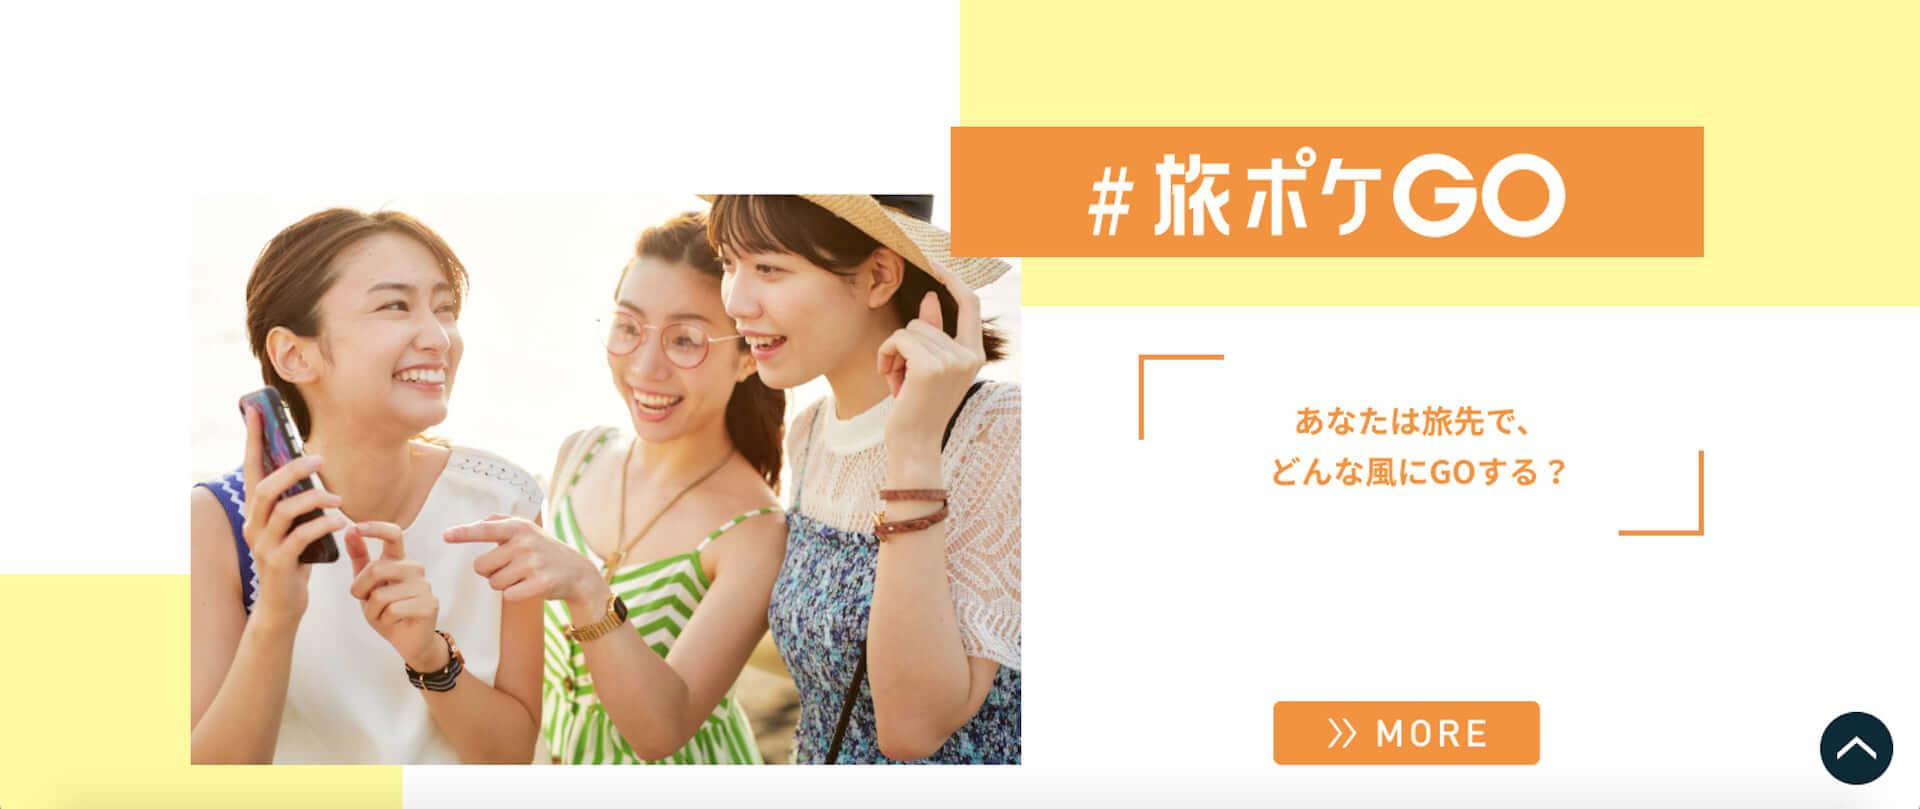 乃木坂46と「ポケモンGO」で毎日を楽しもう!<#好きなようにGOしよう>キャンペーン開始 technology190801pokemon-go_11-1920x809